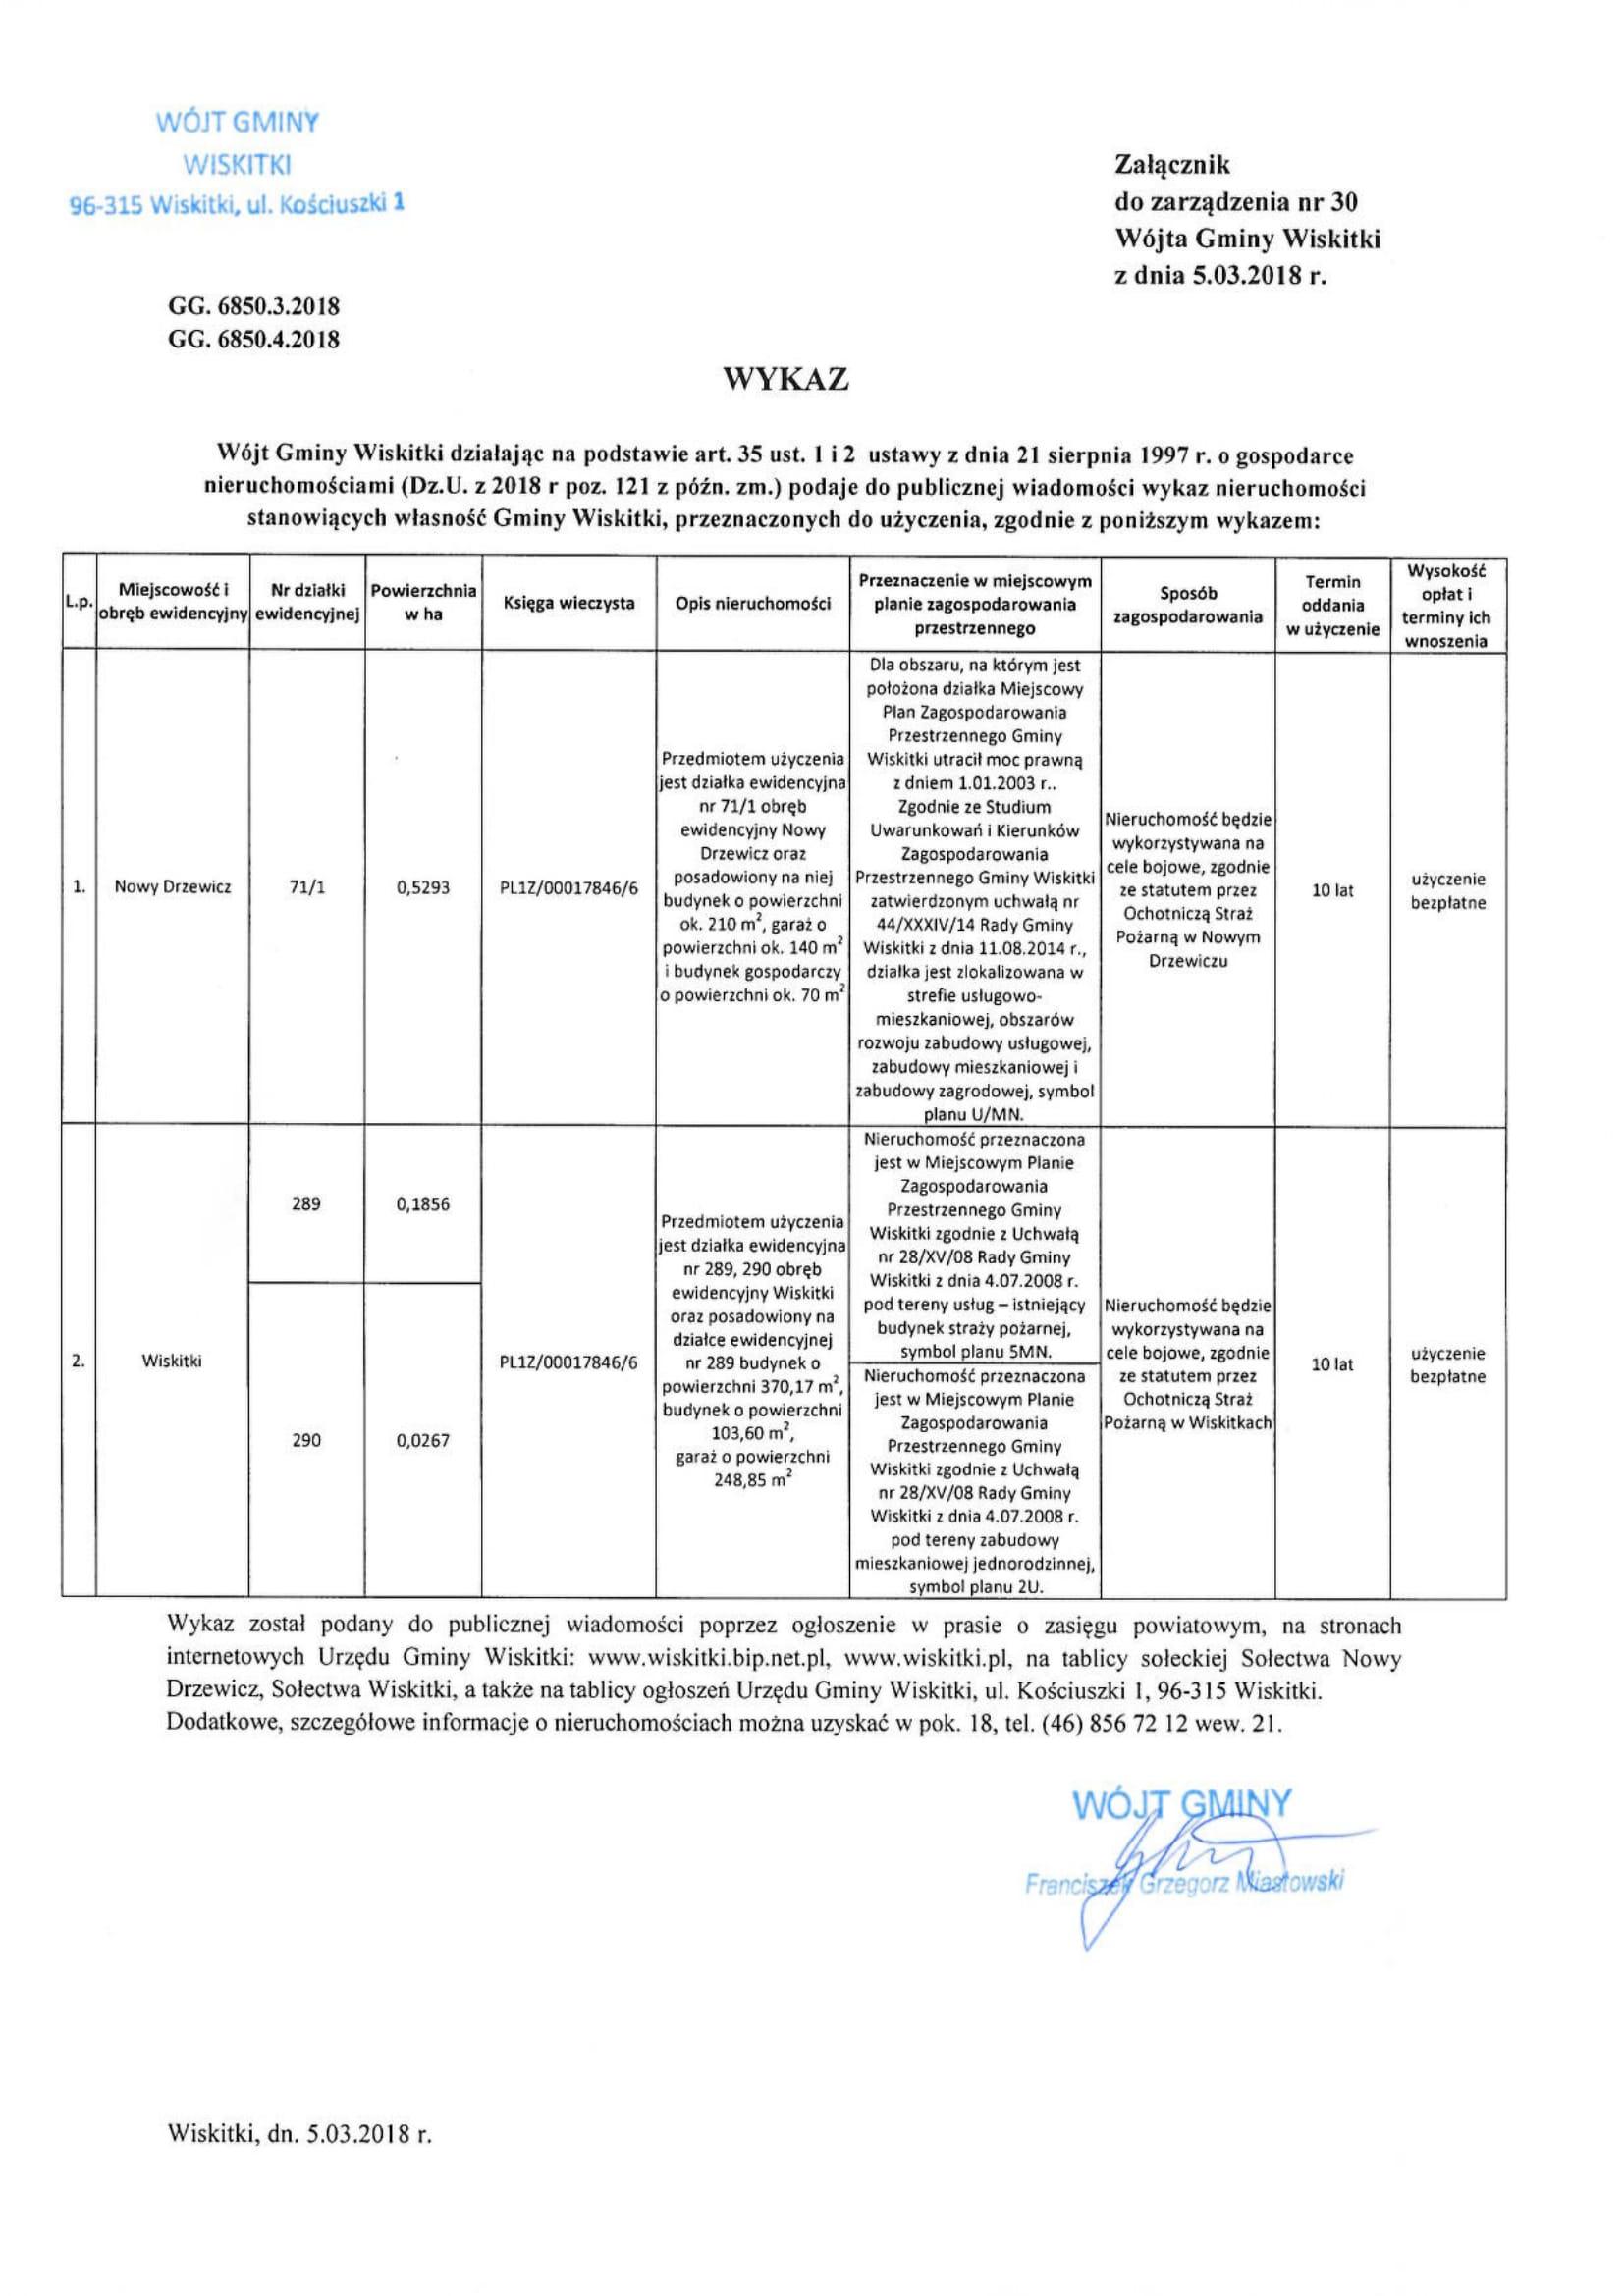 wykaz nieruchomości do użyczenia dz. 289,290 Wiskitki, 71_1 Nowy Drzewicz-1